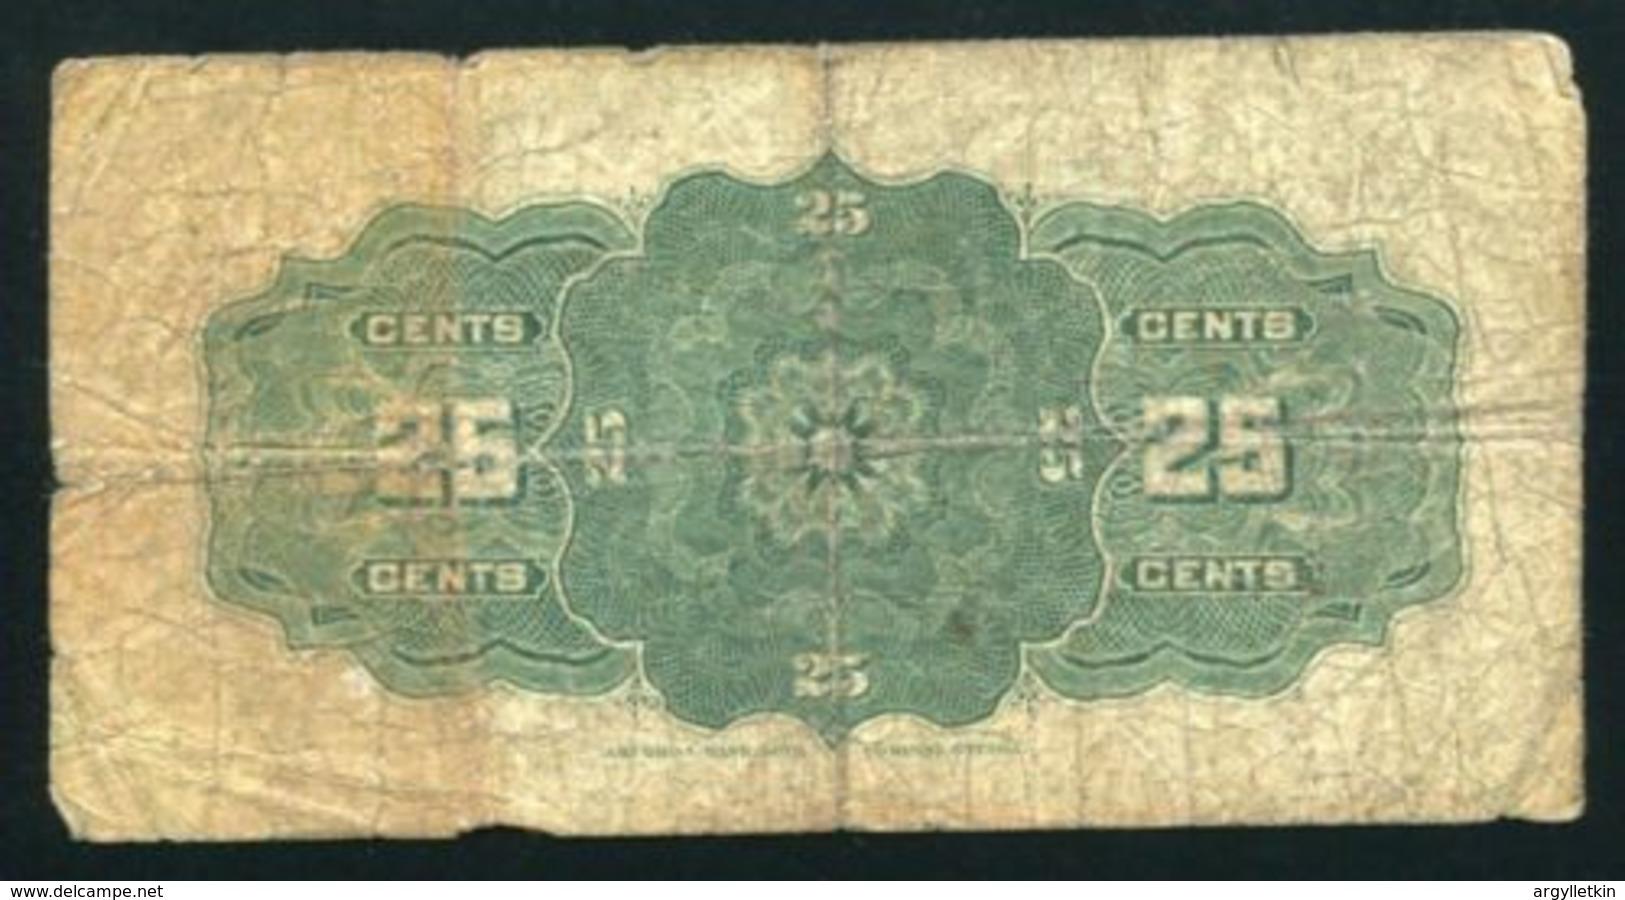 CANADA 1900 25c BANKNOTE - Canada